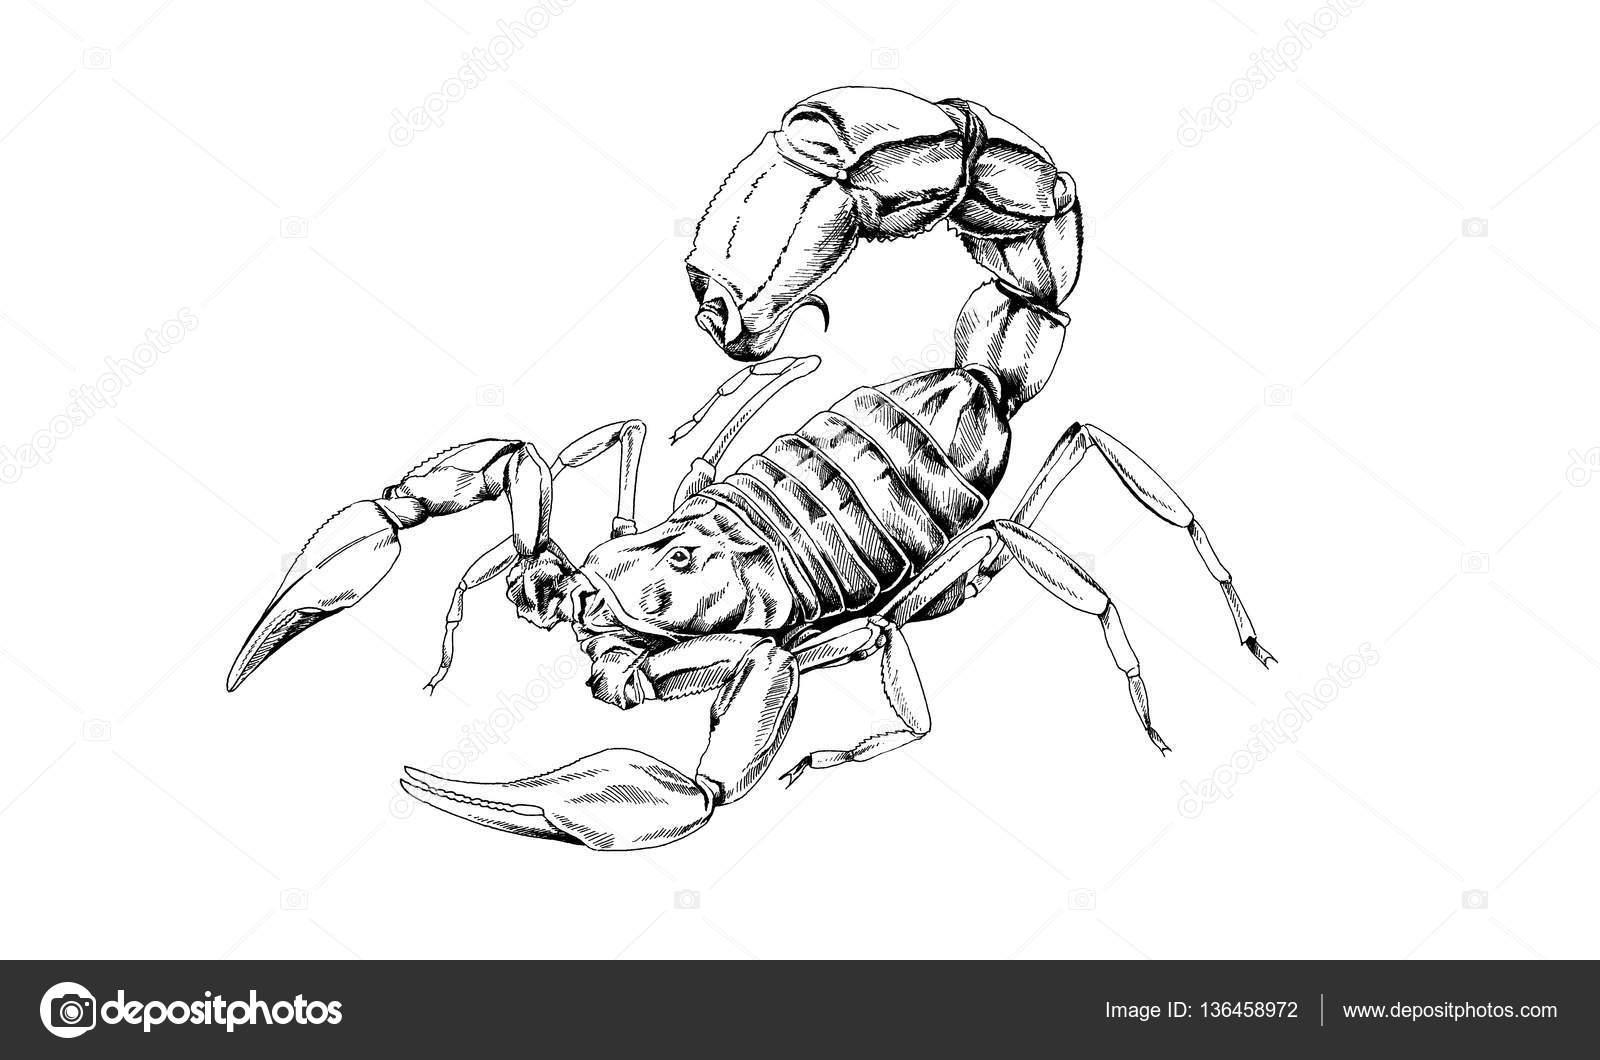 Scorpion Ist In Tinte Tattoo Gezeichnet Stockfoto Evgo1977